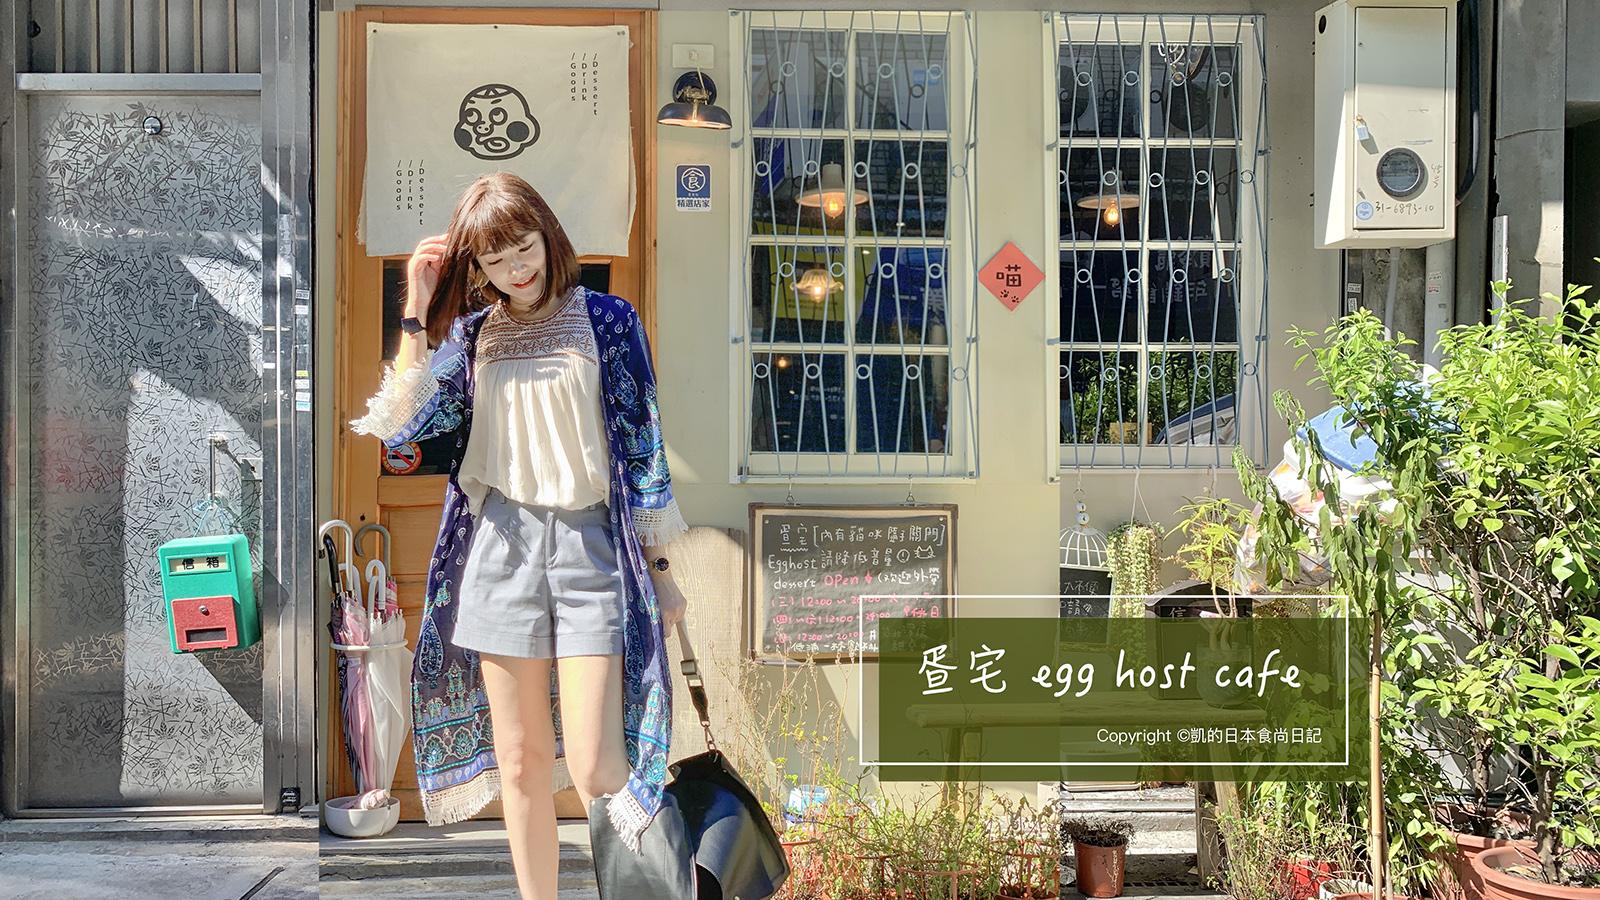 網站近期文章:☆【台北/行天宮站】超搶手老宅復古戚風蛋糕。疍宅Egghost咖啡廳